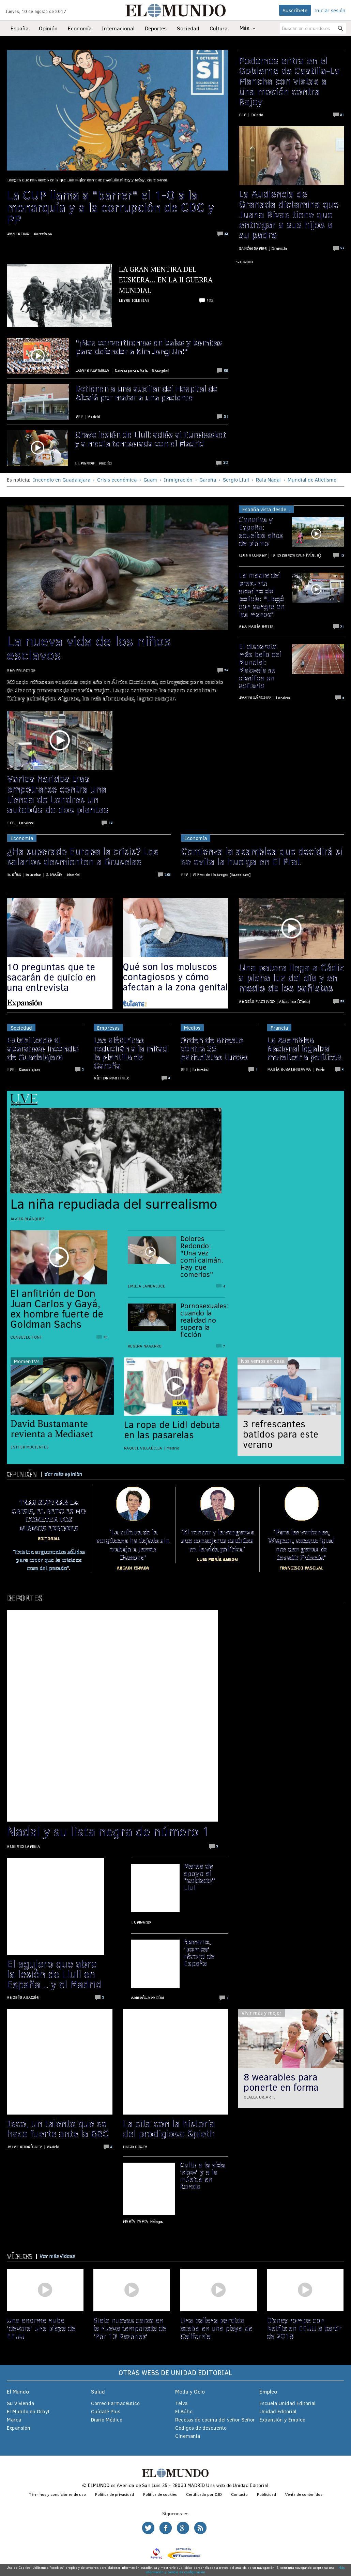 El Mundo at Thursday Aug. 10, 2017, 12:11 p.m. UTC